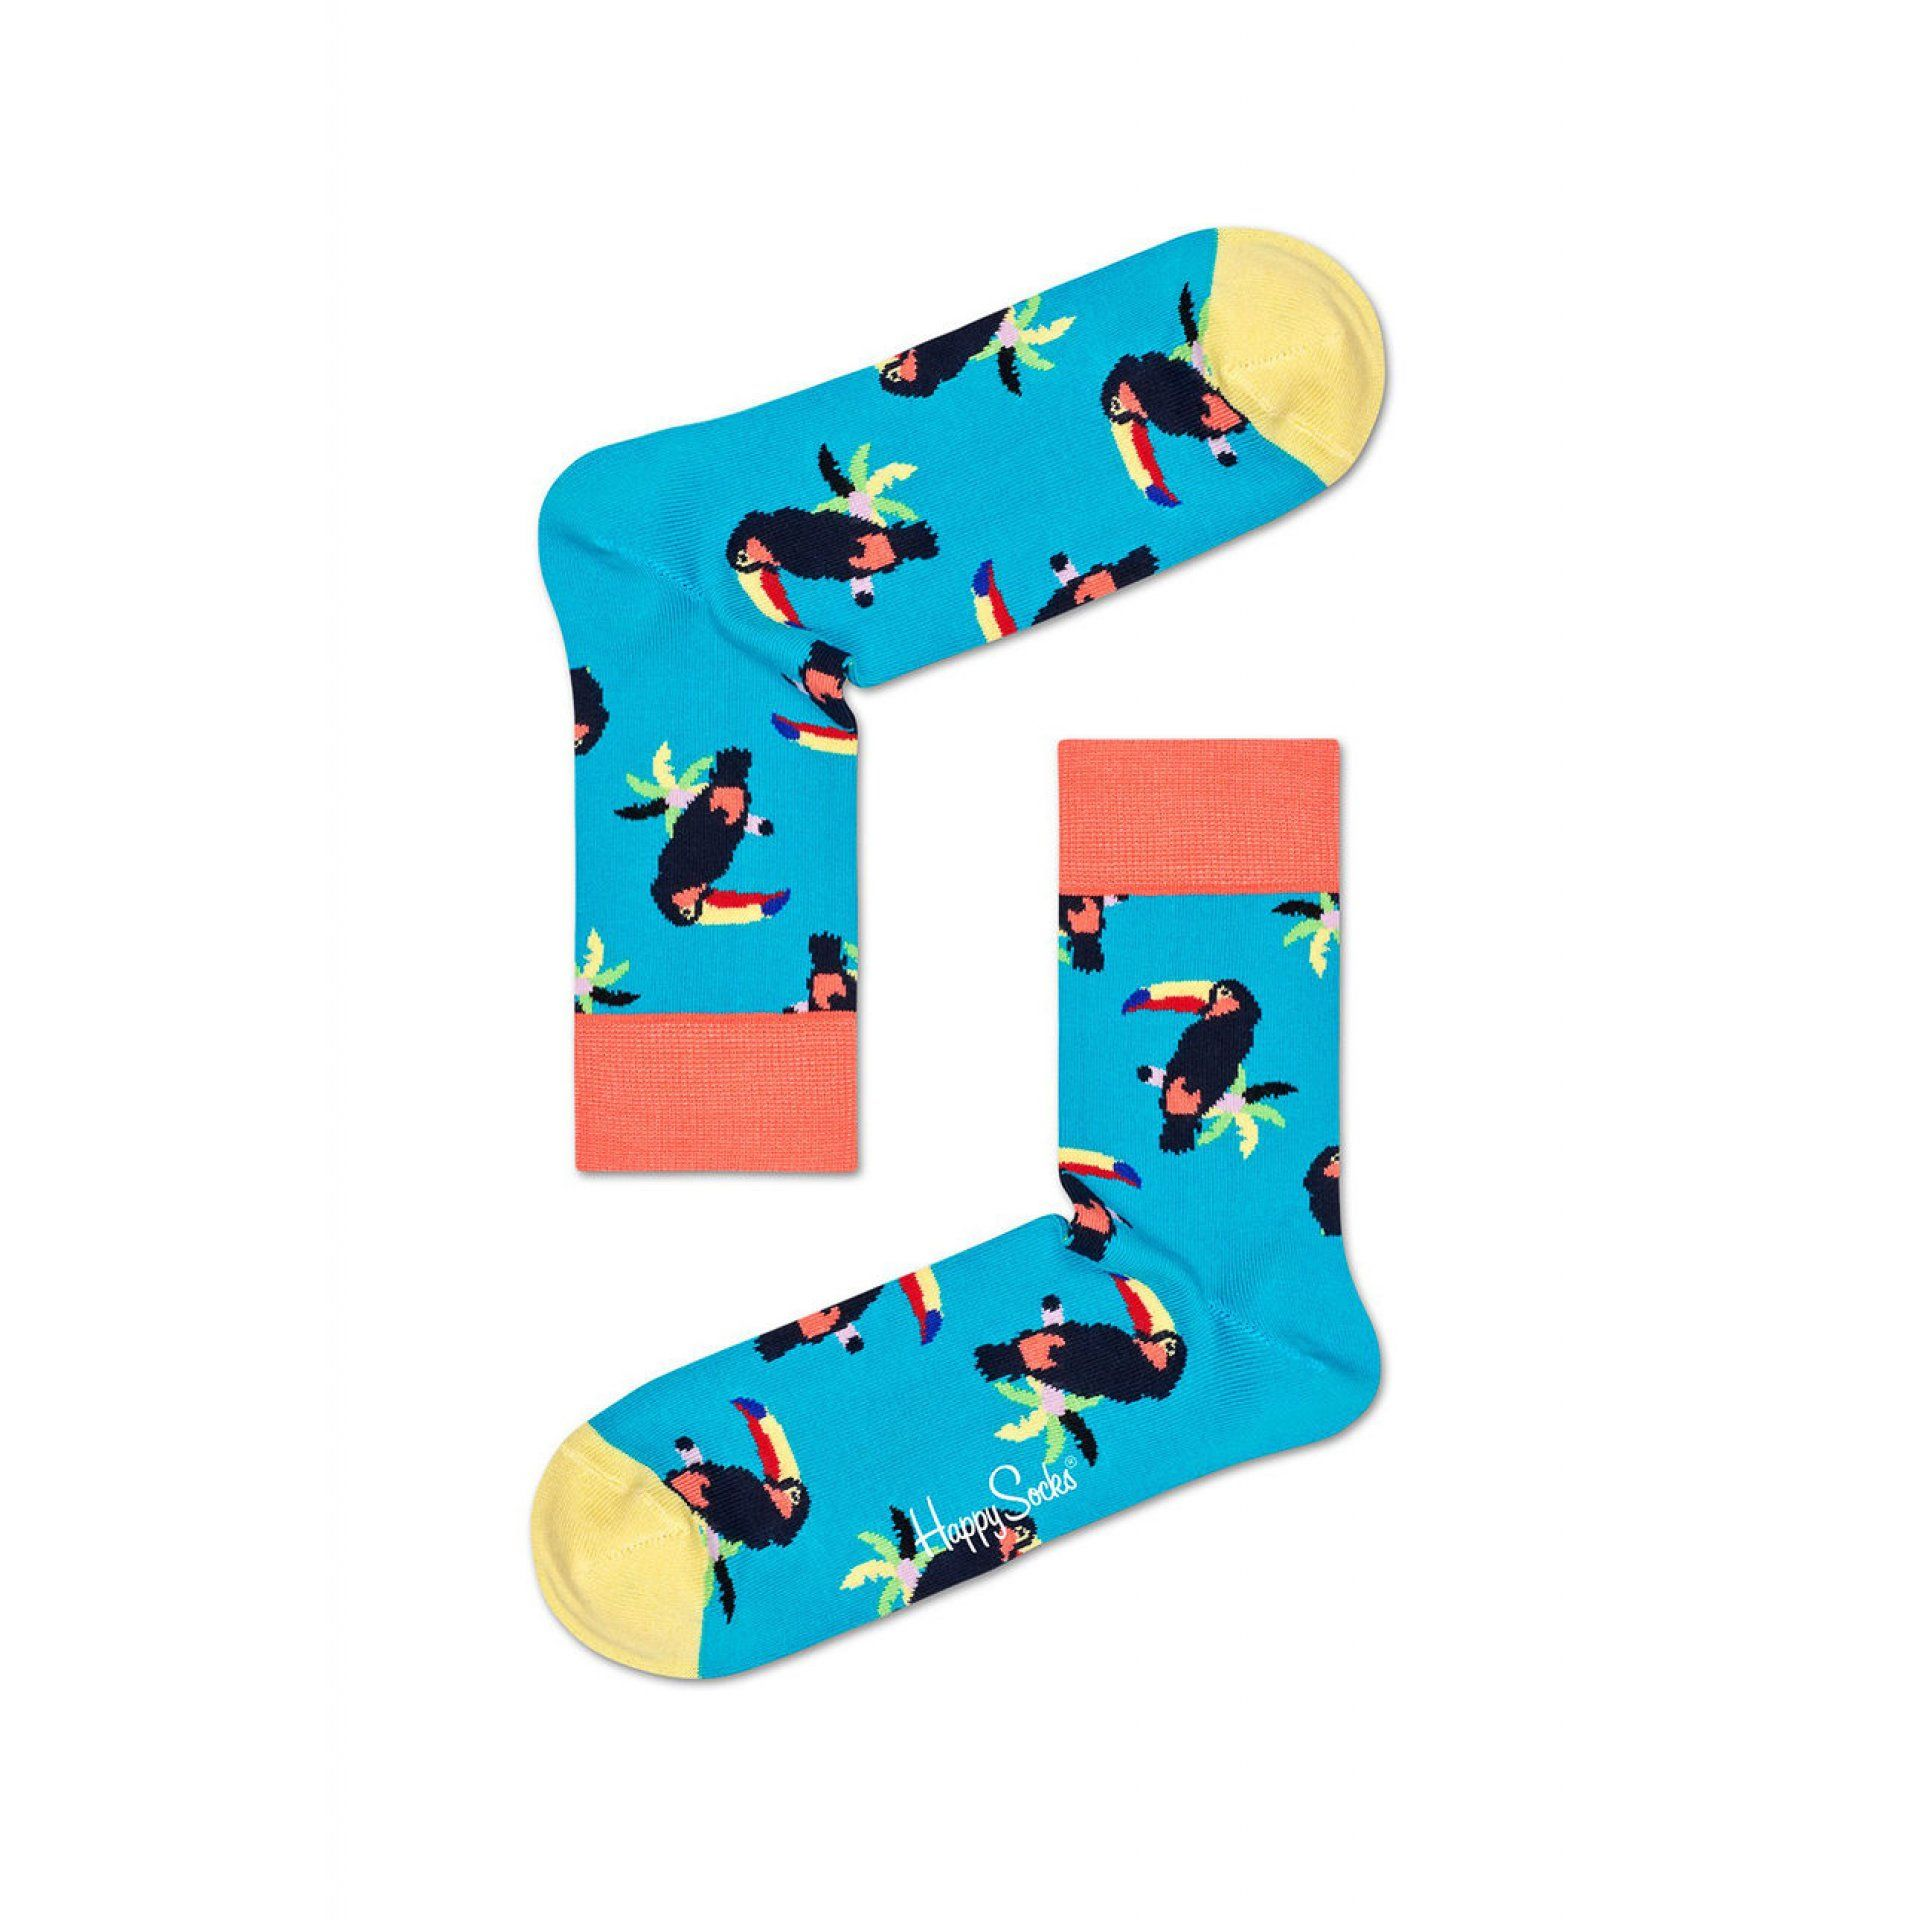 SKARPETKI HAPPY SOCKS SURFS UP 1|2 TOU13-6000